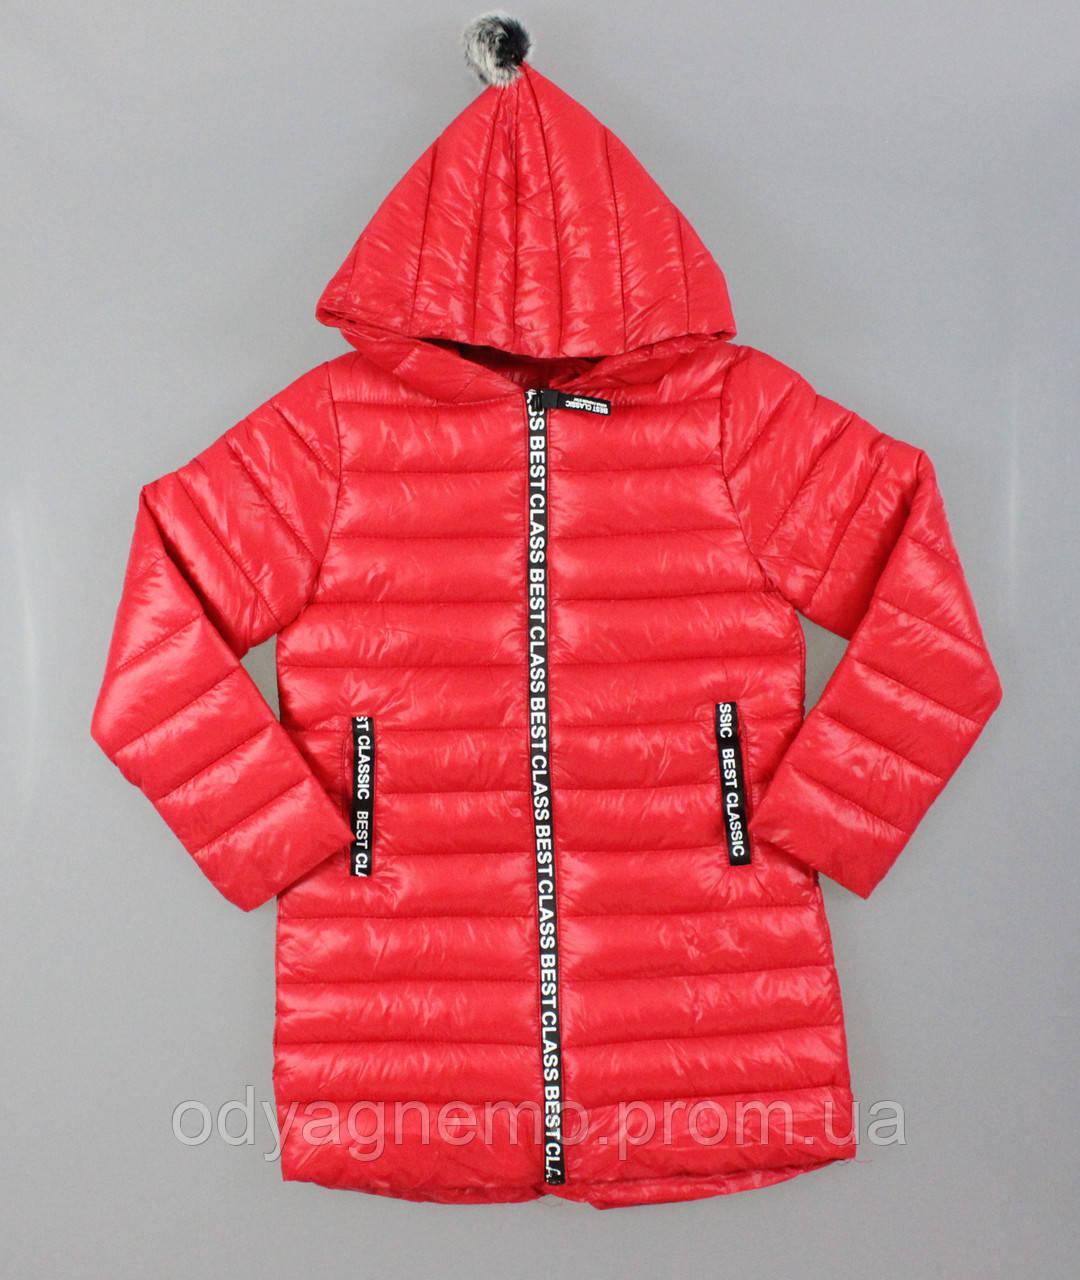 Курточка для девочек Glo-Story оптом, 110-160 рр.